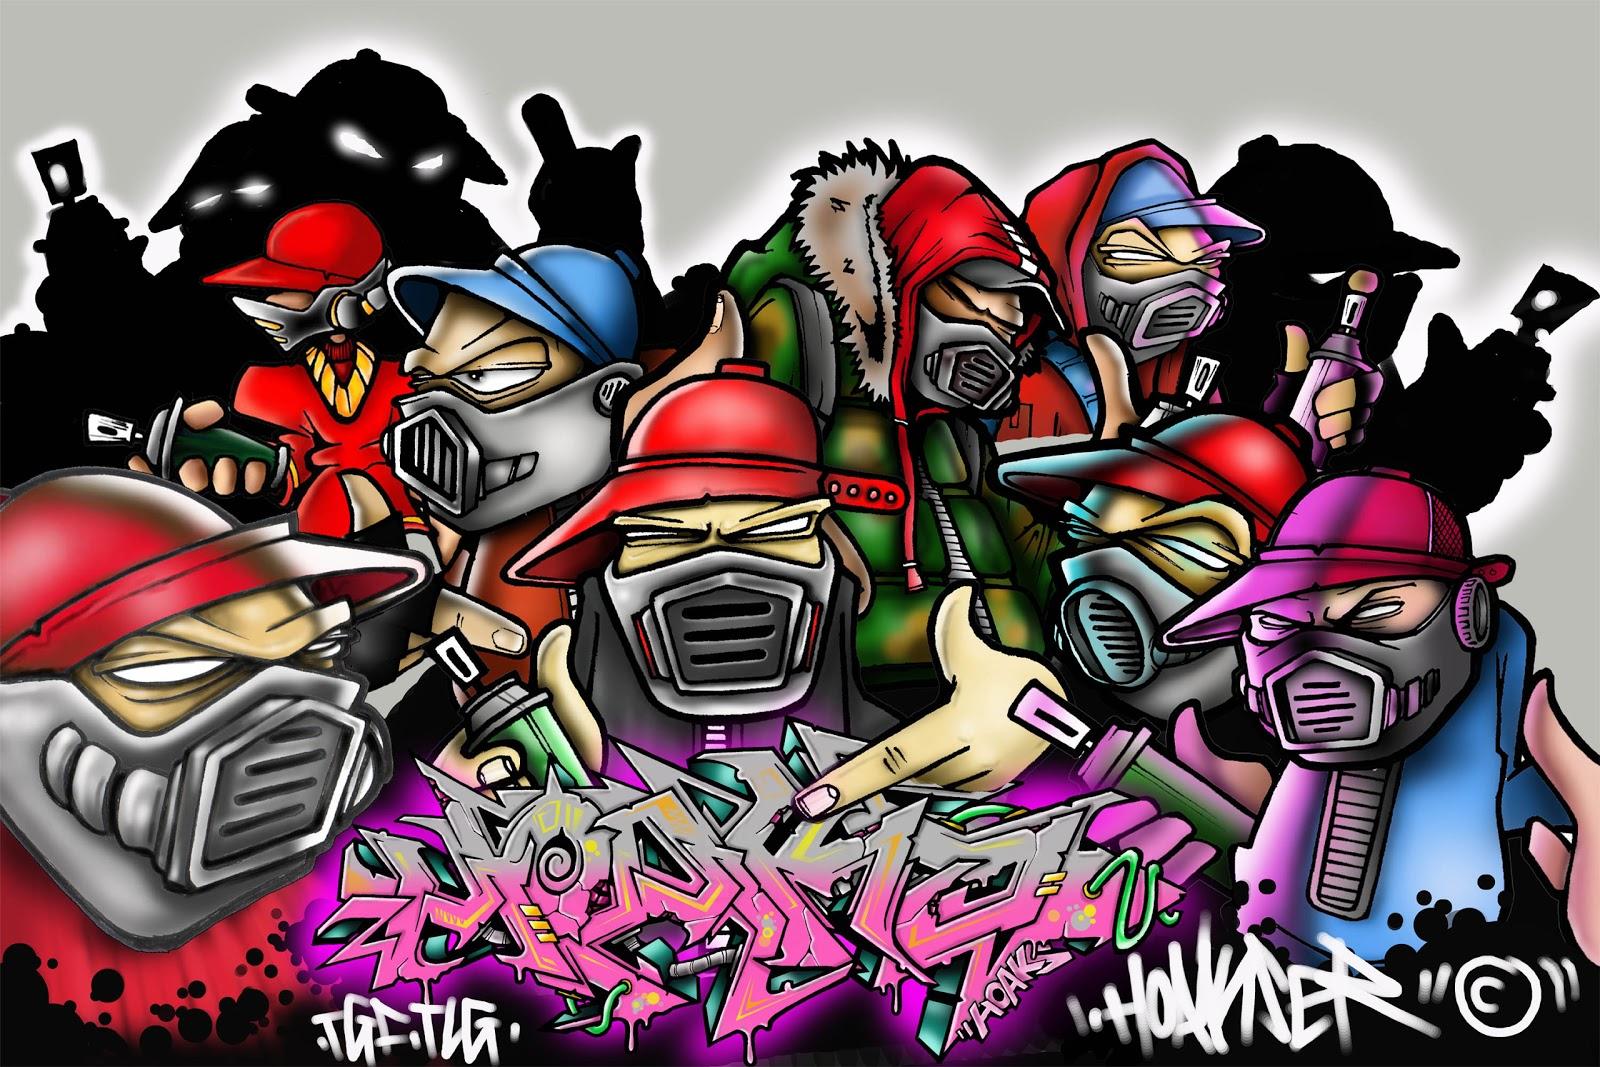 Graffitis de los de antes taringa for Immagini graffiti hd